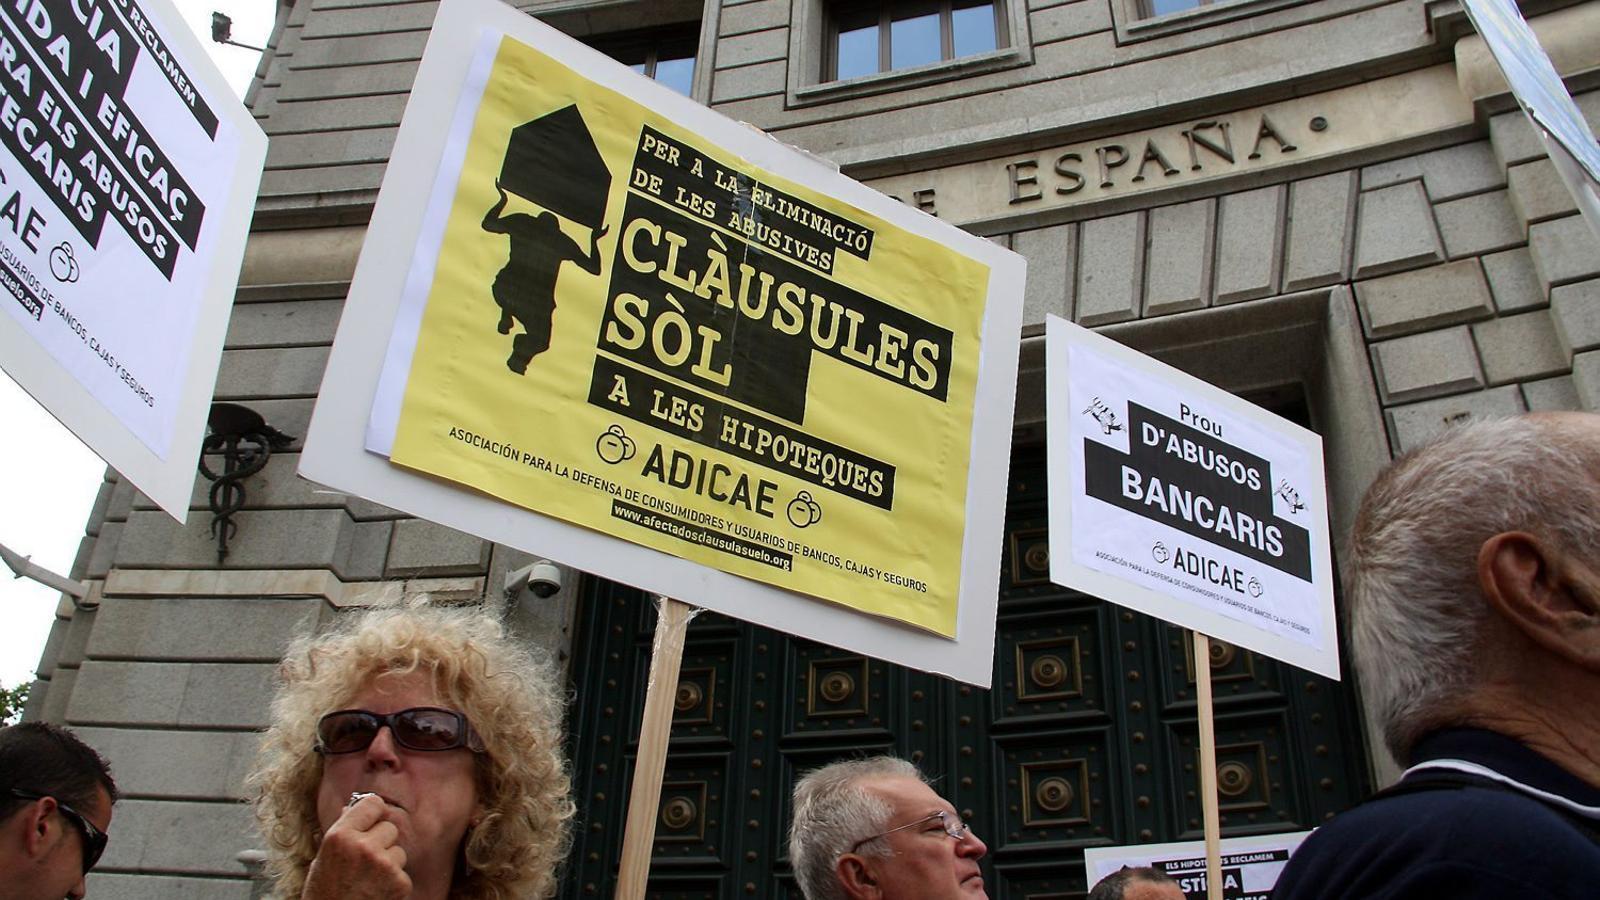 Per als bancs s'està obrint un nou focus de problemes després de la sentència europea que va declarar il·legals les clàusules terra.